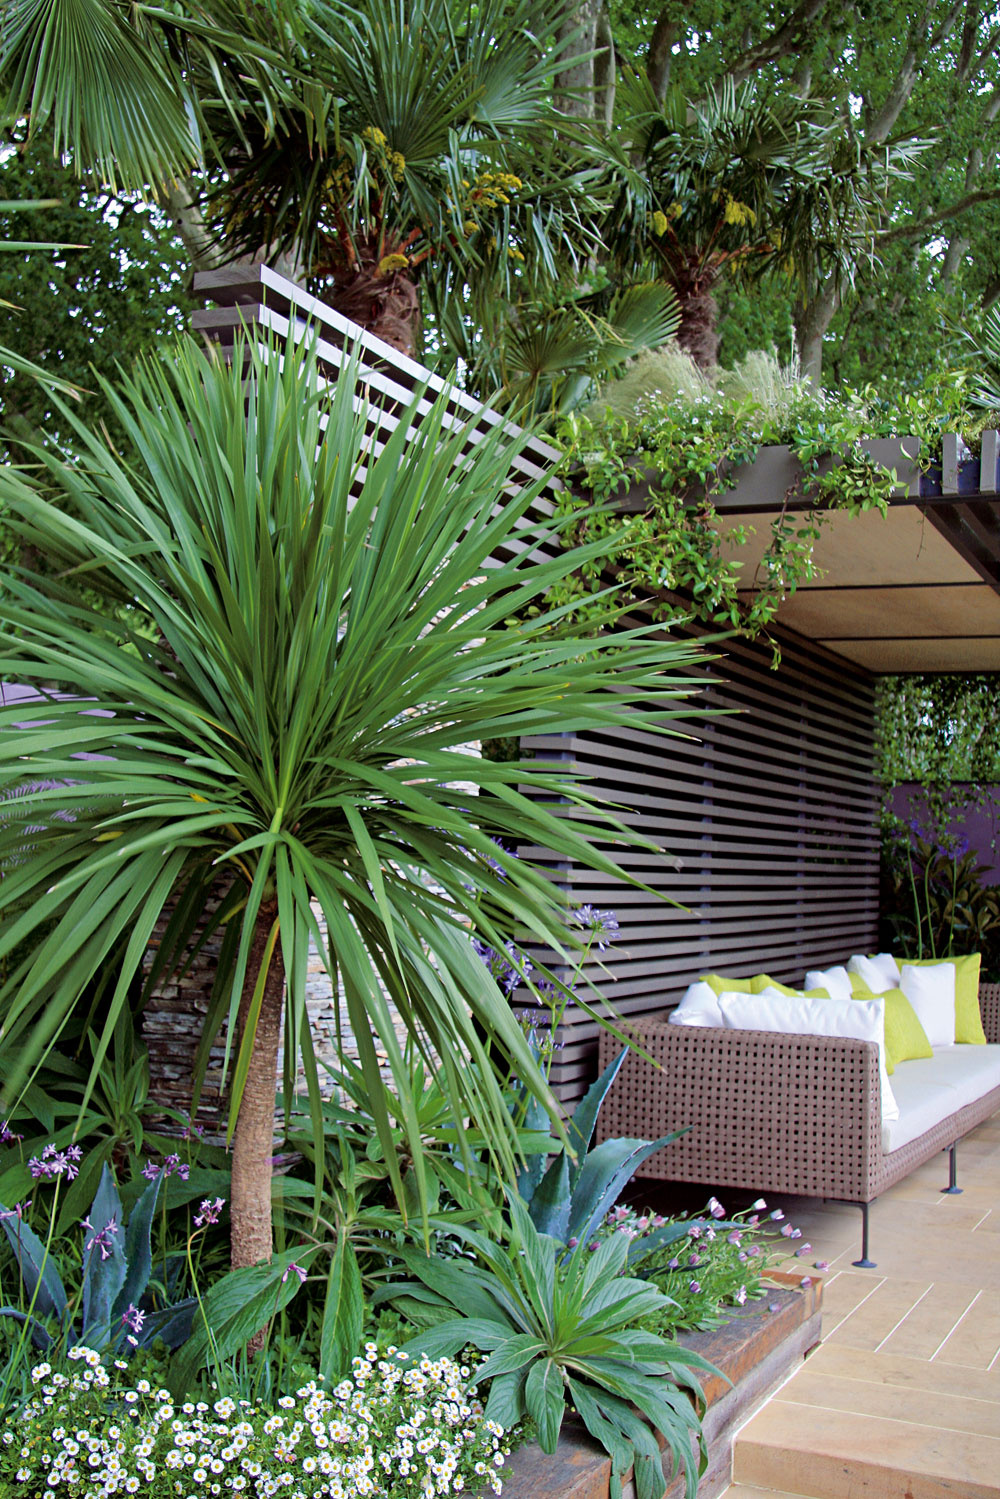 Na najvyšších miestach blízko terasy sú sústredené exotické rastliny – v záhonoch aj vegetačných nádobách. Výsostné postavenie im zároveň zaručuje aj ochranu pred nepriazňou počasia.